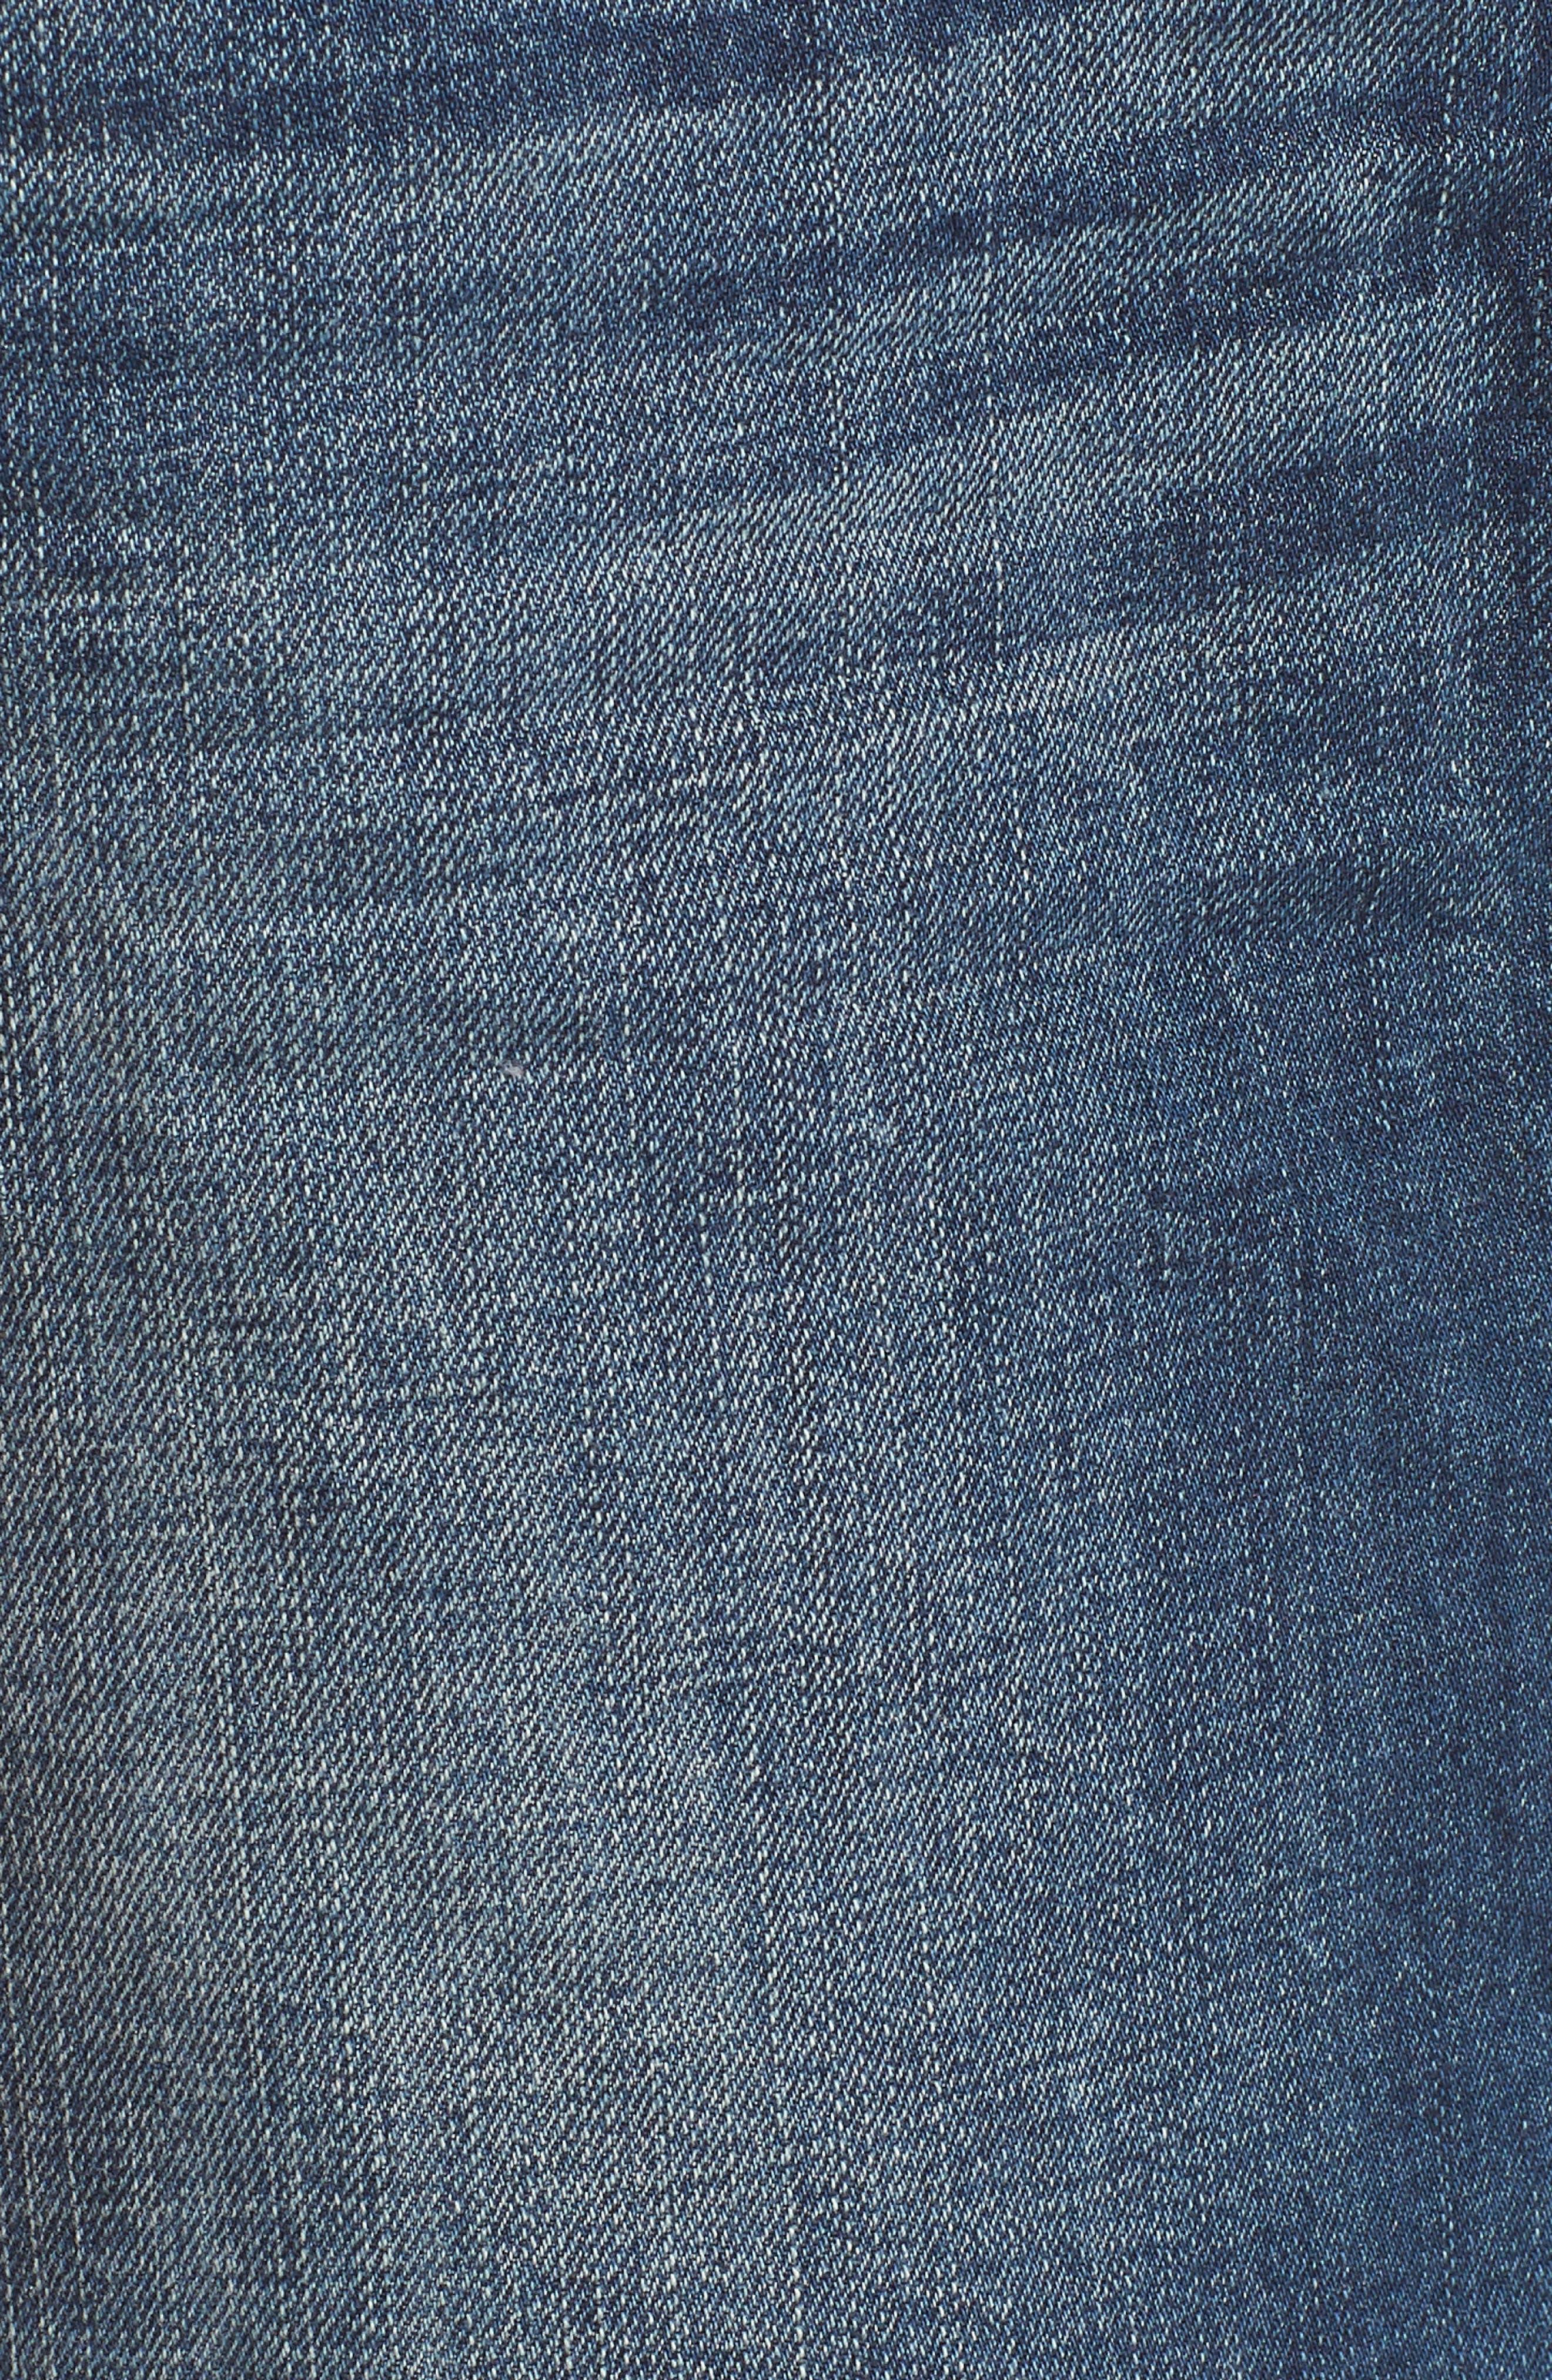 Deconstructed Denim Skirt,                             Alternate thumbnail 5, color,                             401